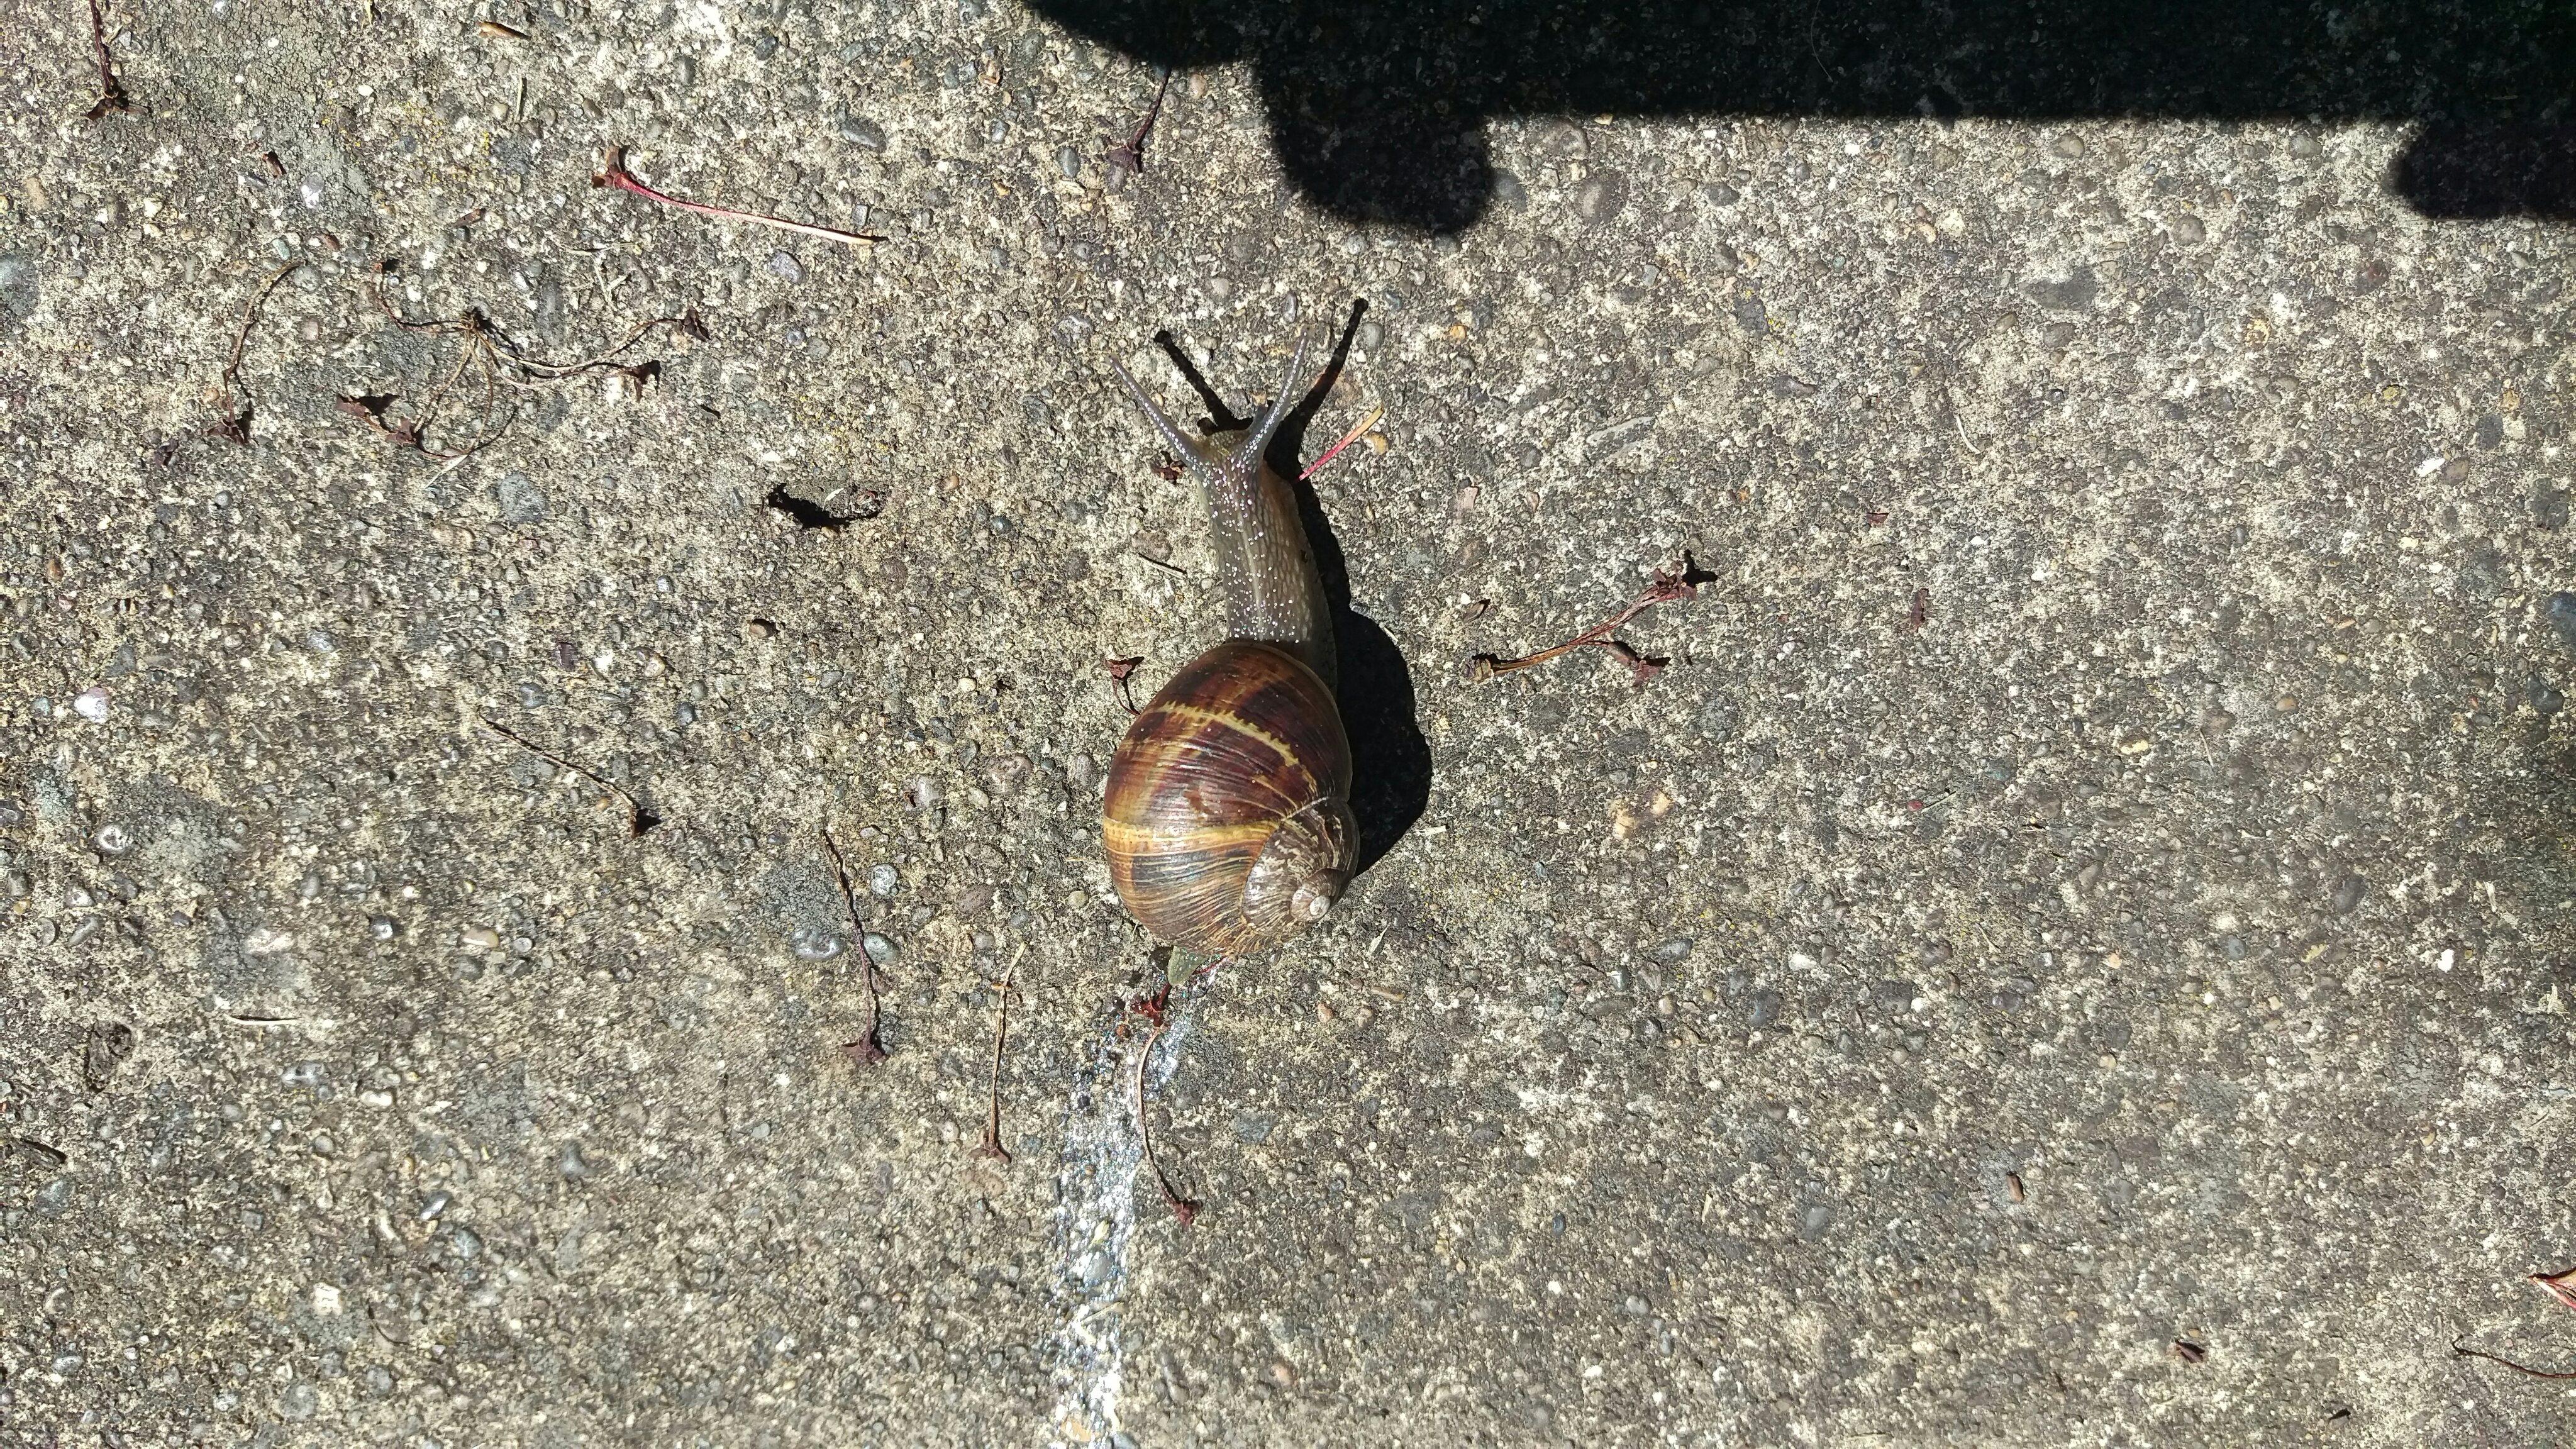 Snail Buddy